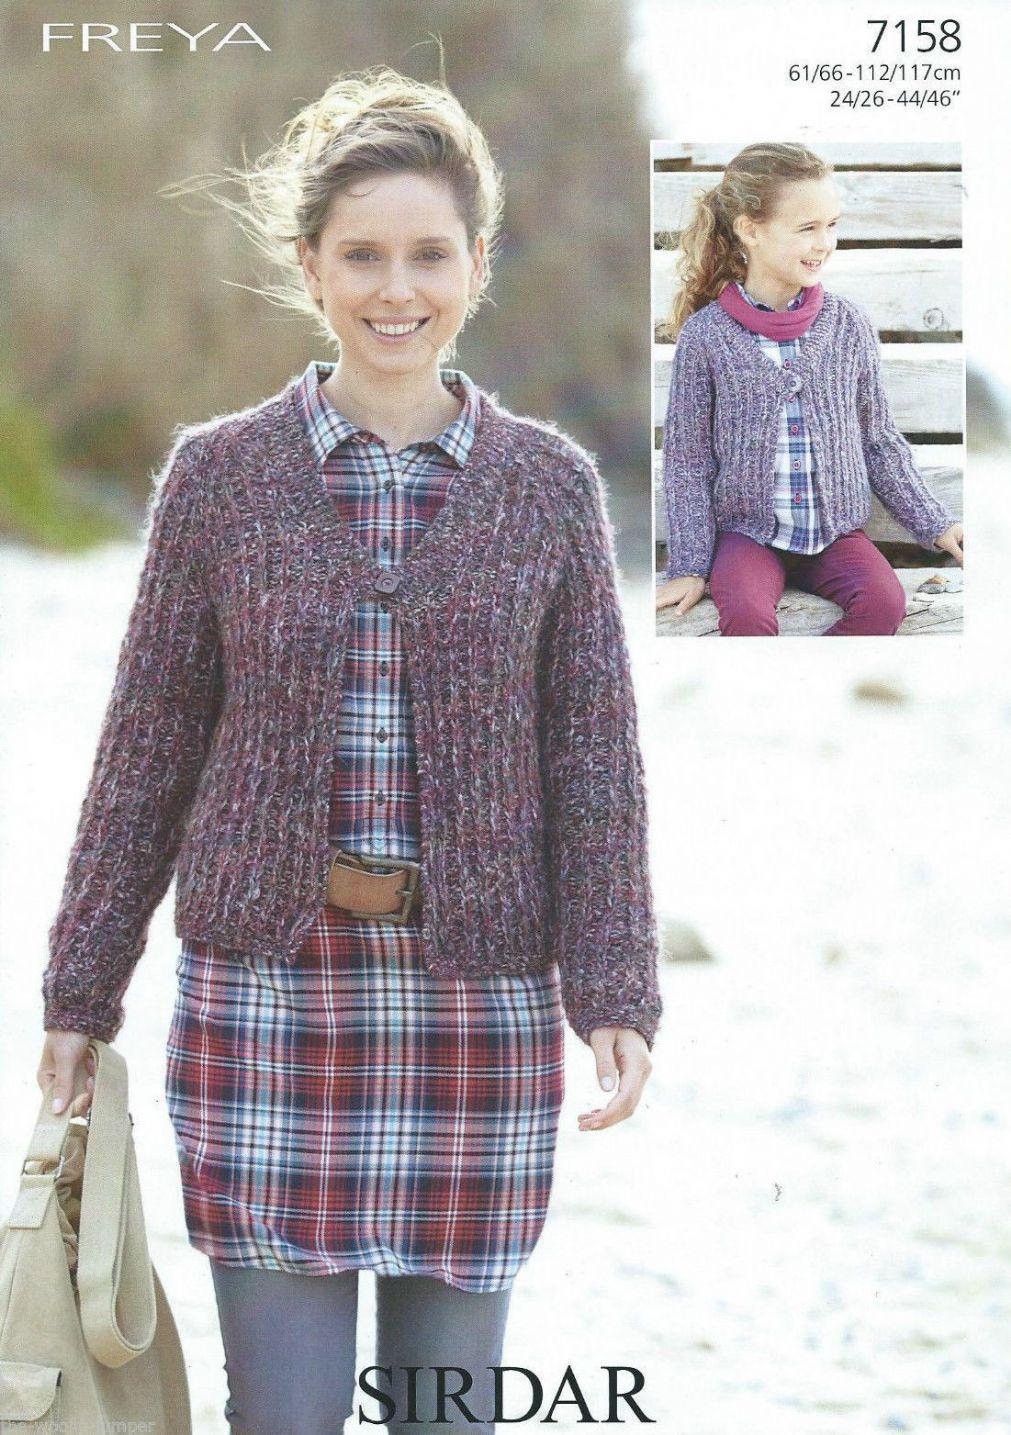 7158 Sirdar Freya Ladies And Girls Cardigan Knitting